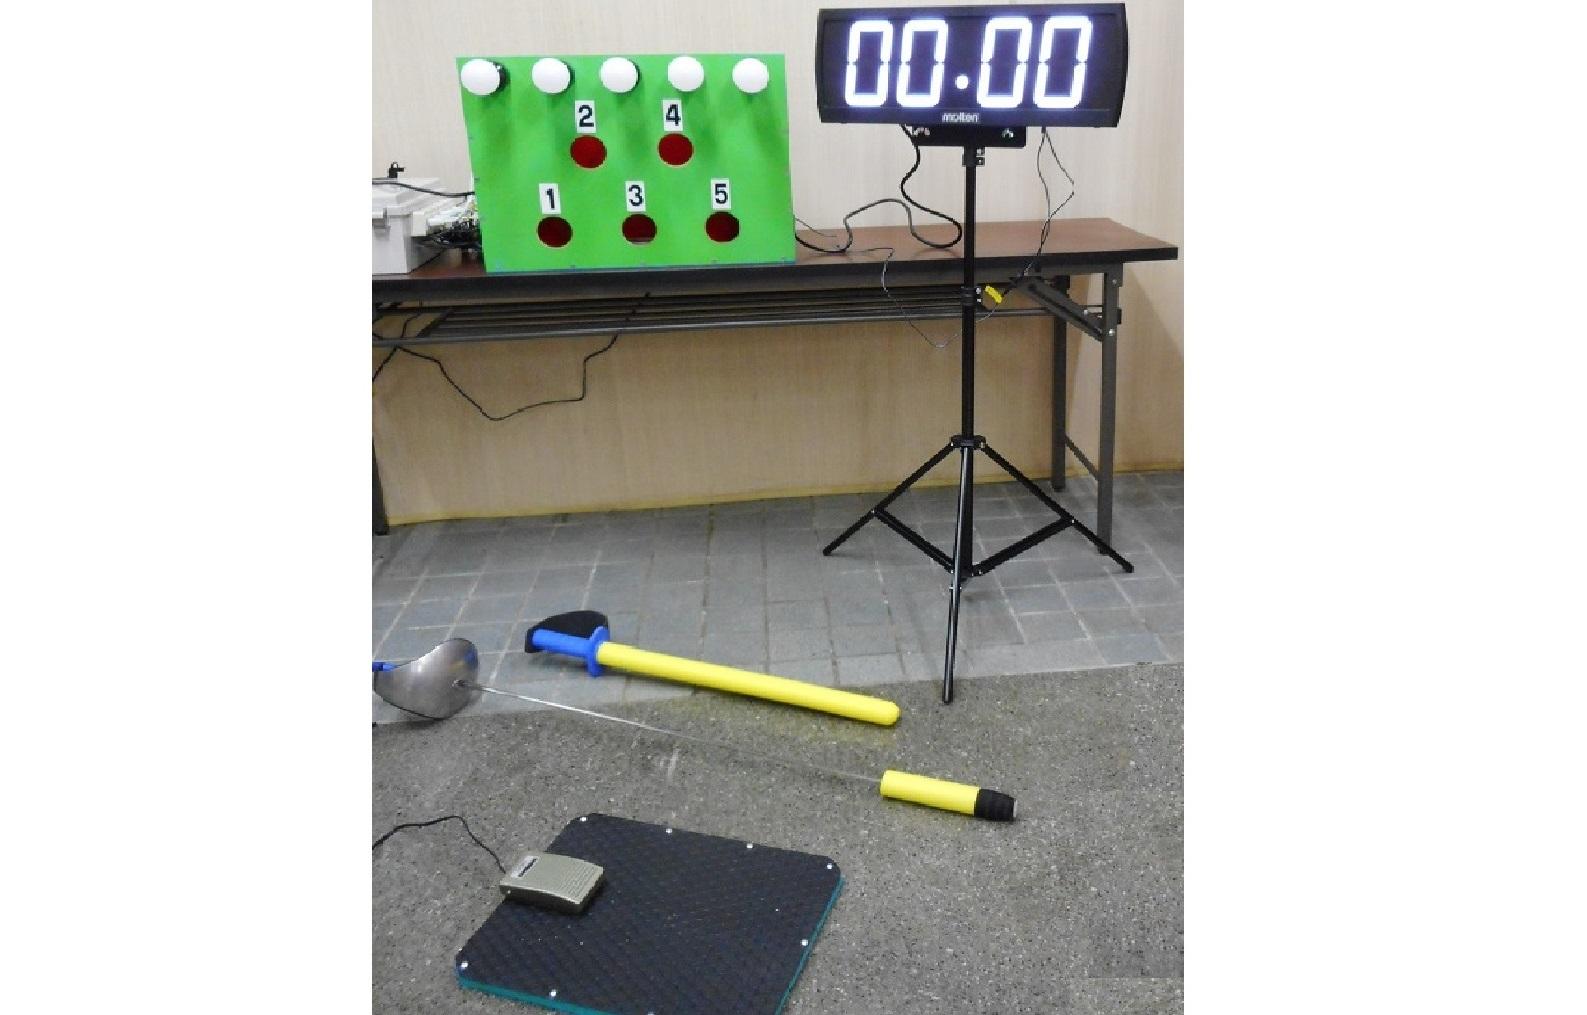 パンチパワー測定装置